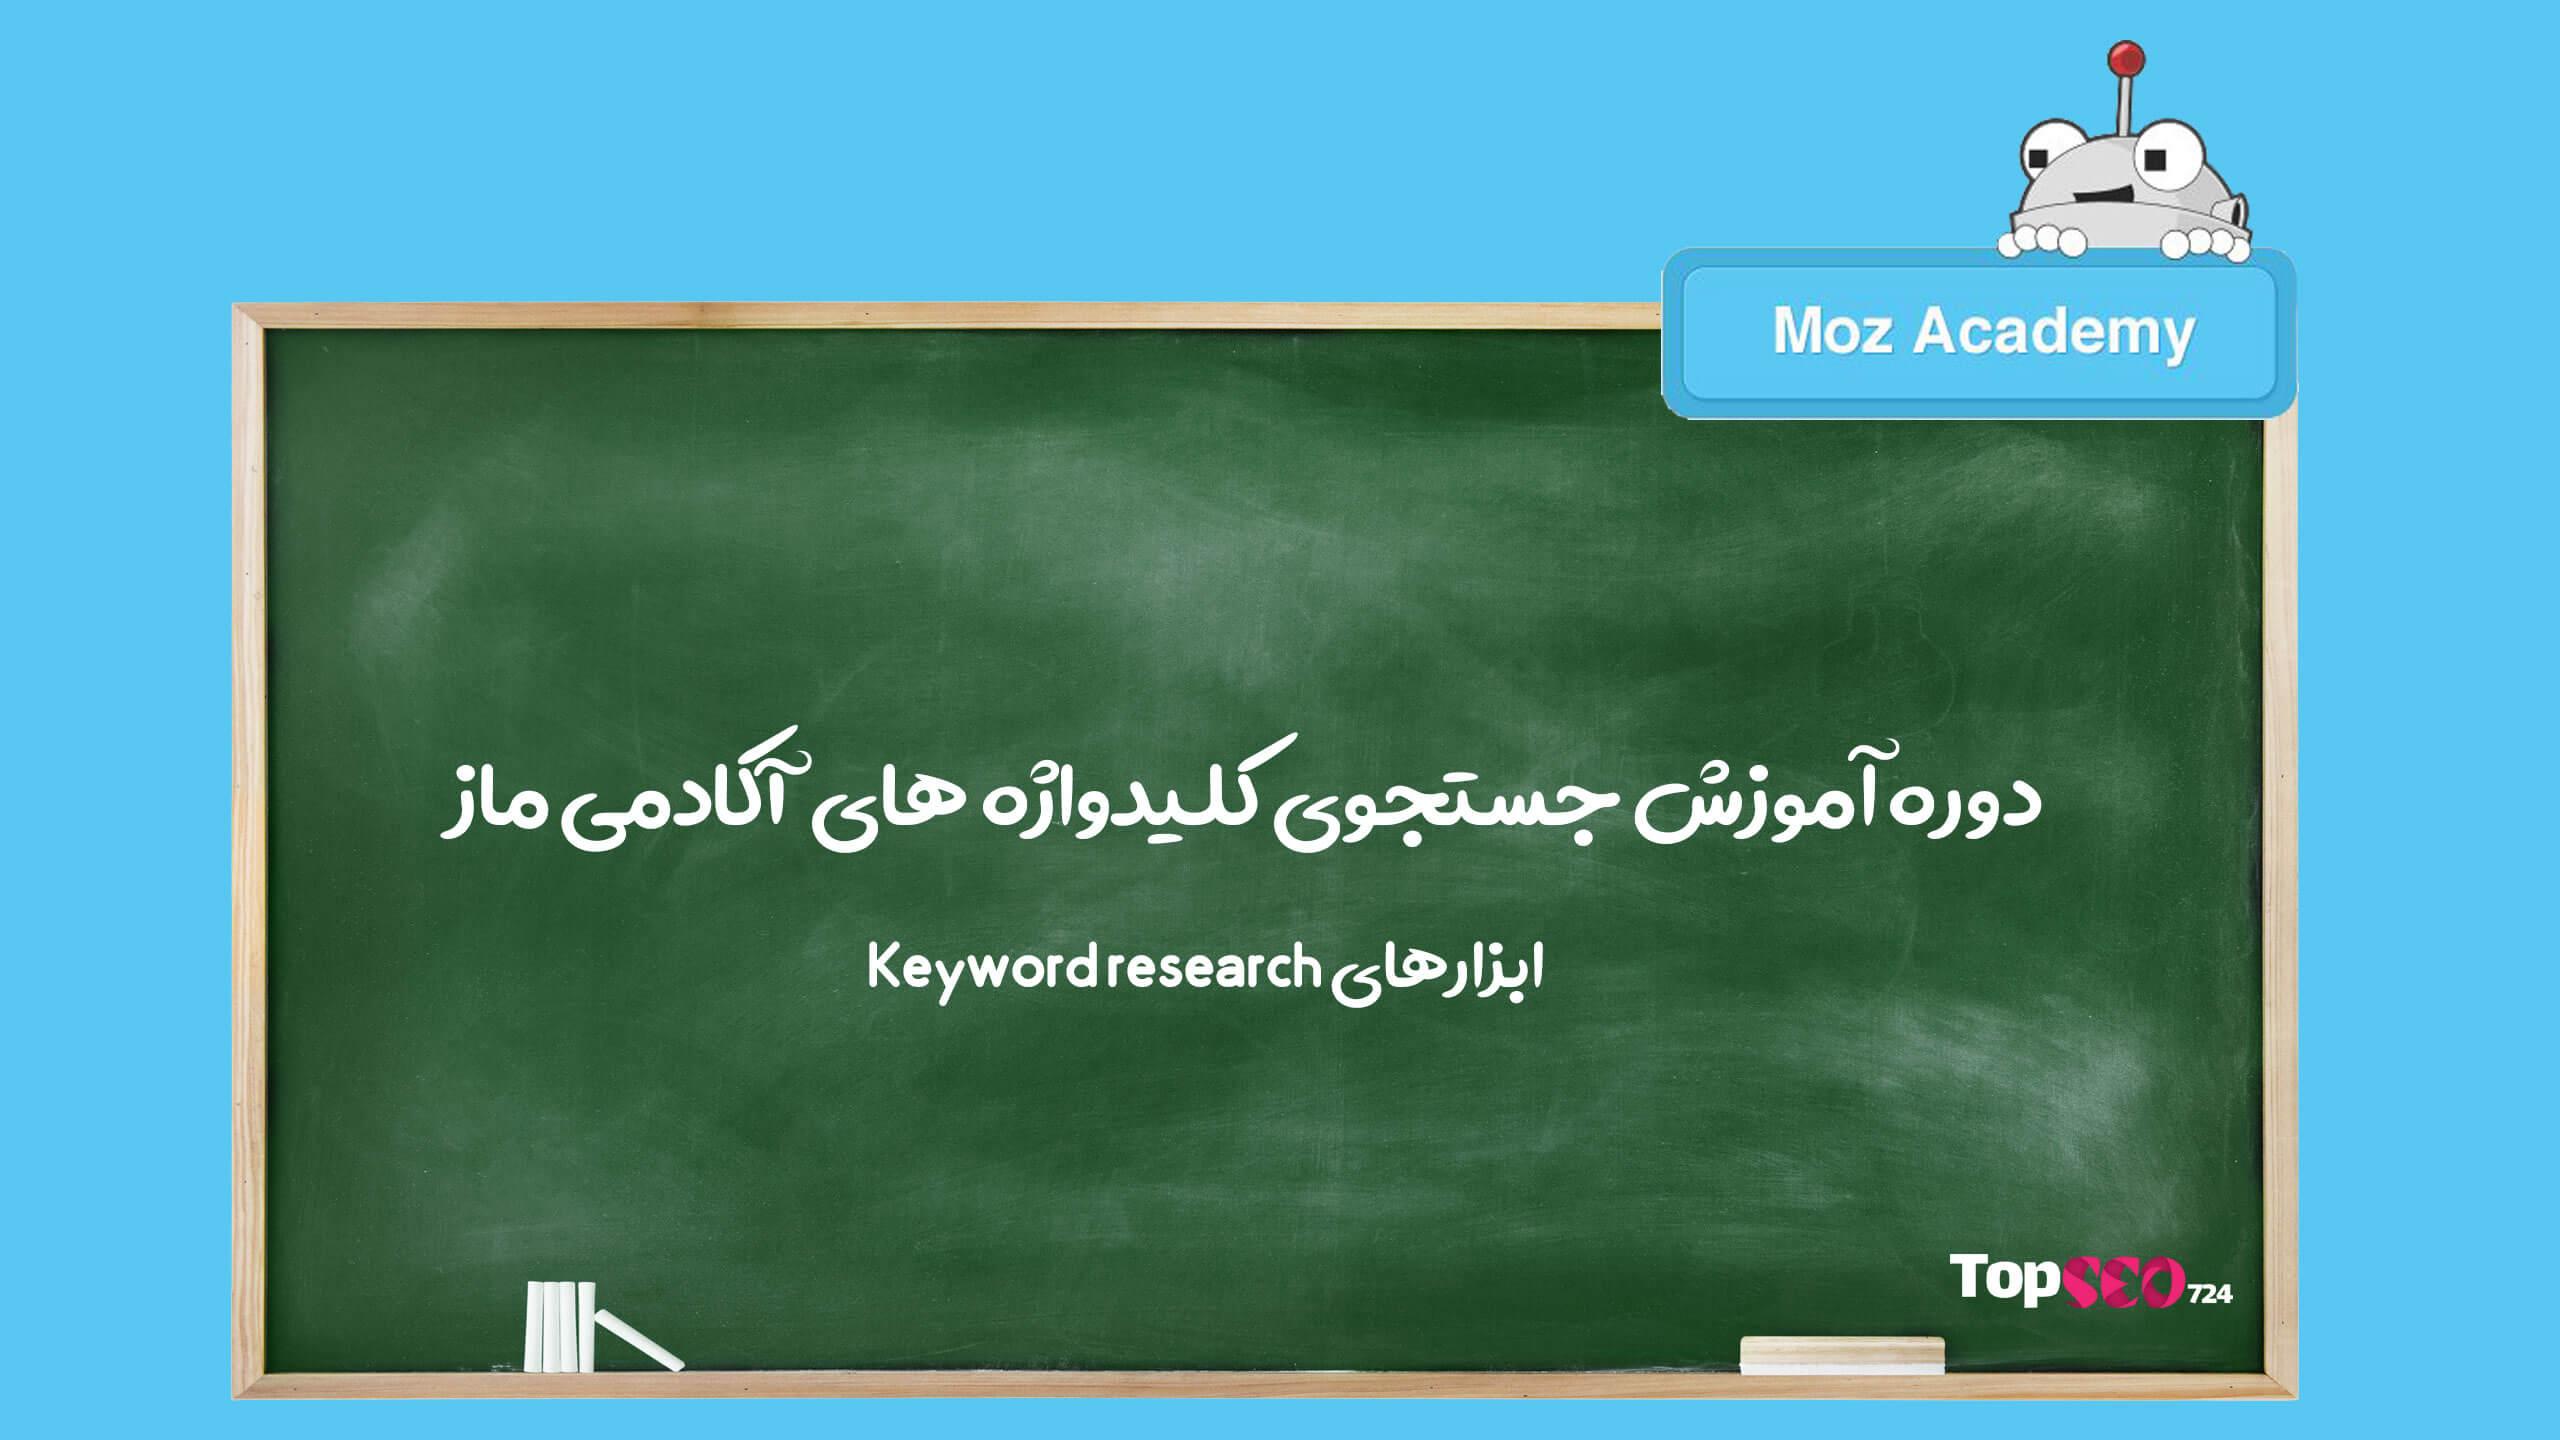 جستجوی کلیدواژه ها